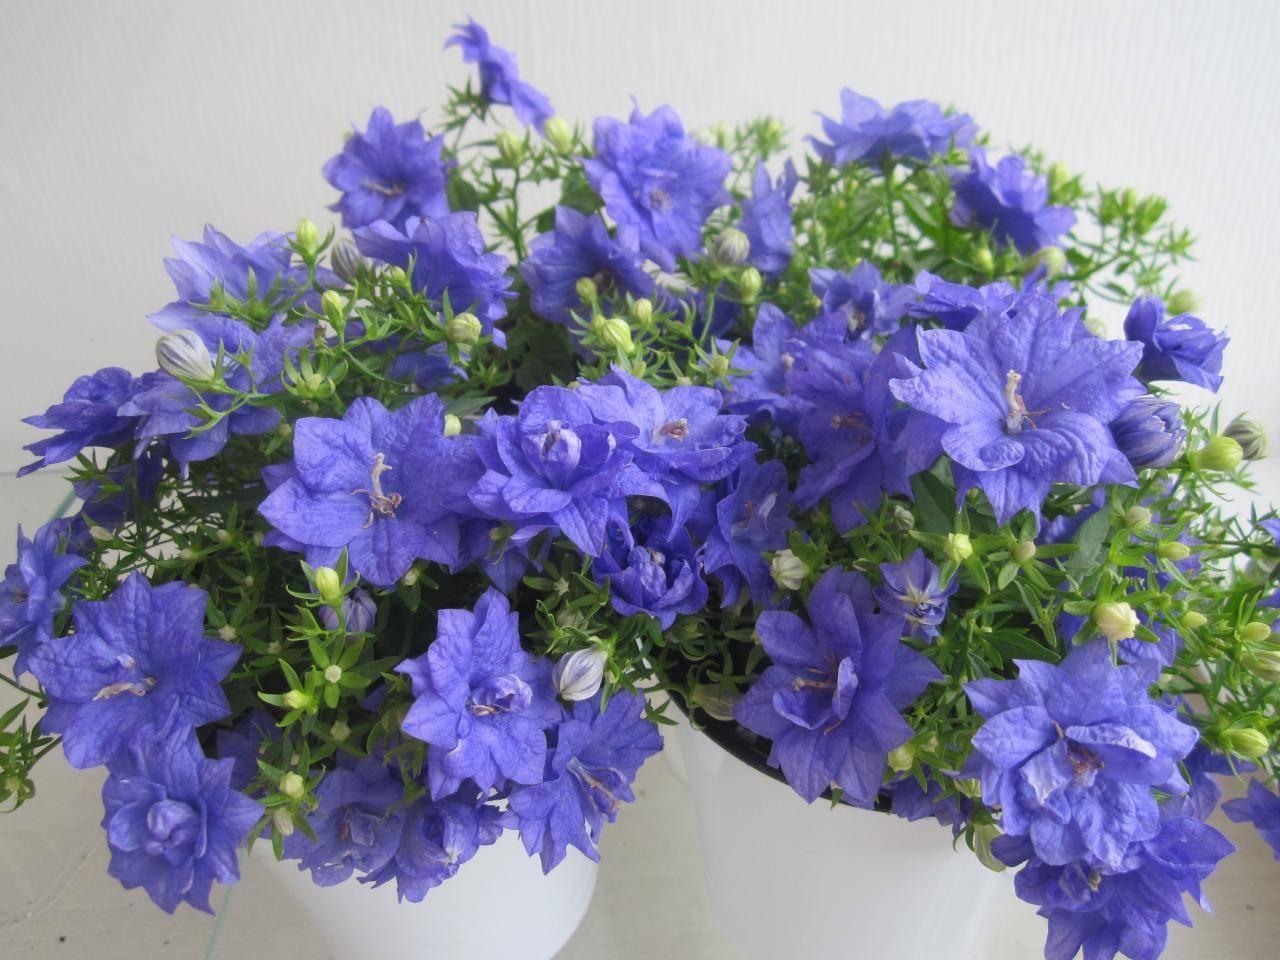 Всё о комнатных цветках кампанулах, уходе в домашних условиях после покупки